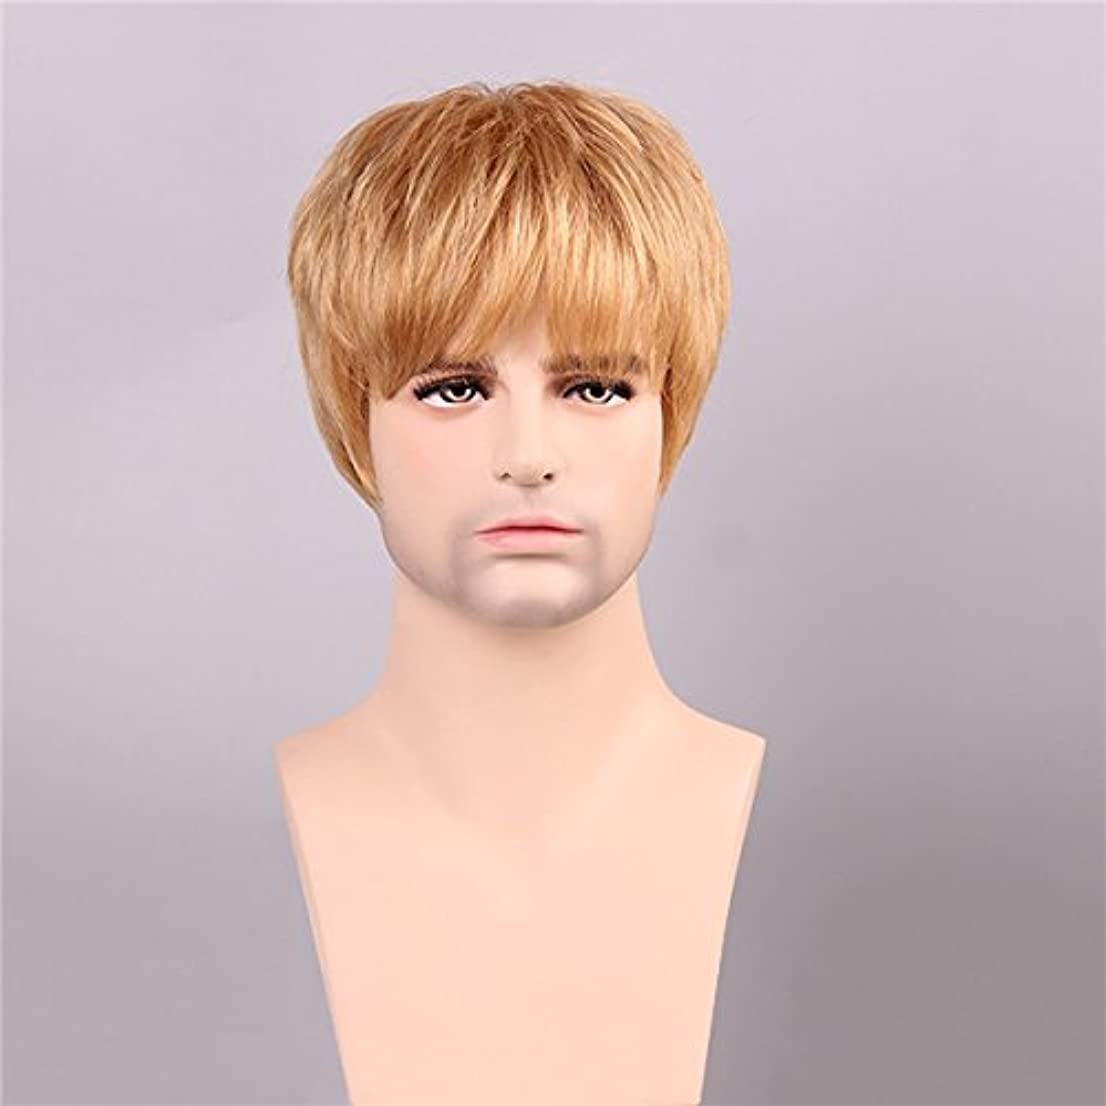 ピューしてはいけないケーブルカーYZUEYT 男性の人間の髪のウィッグゴールデンブラウンブロンドショートモノラルトップ男性男性レミーCapless YZUEYT (Size : One size)